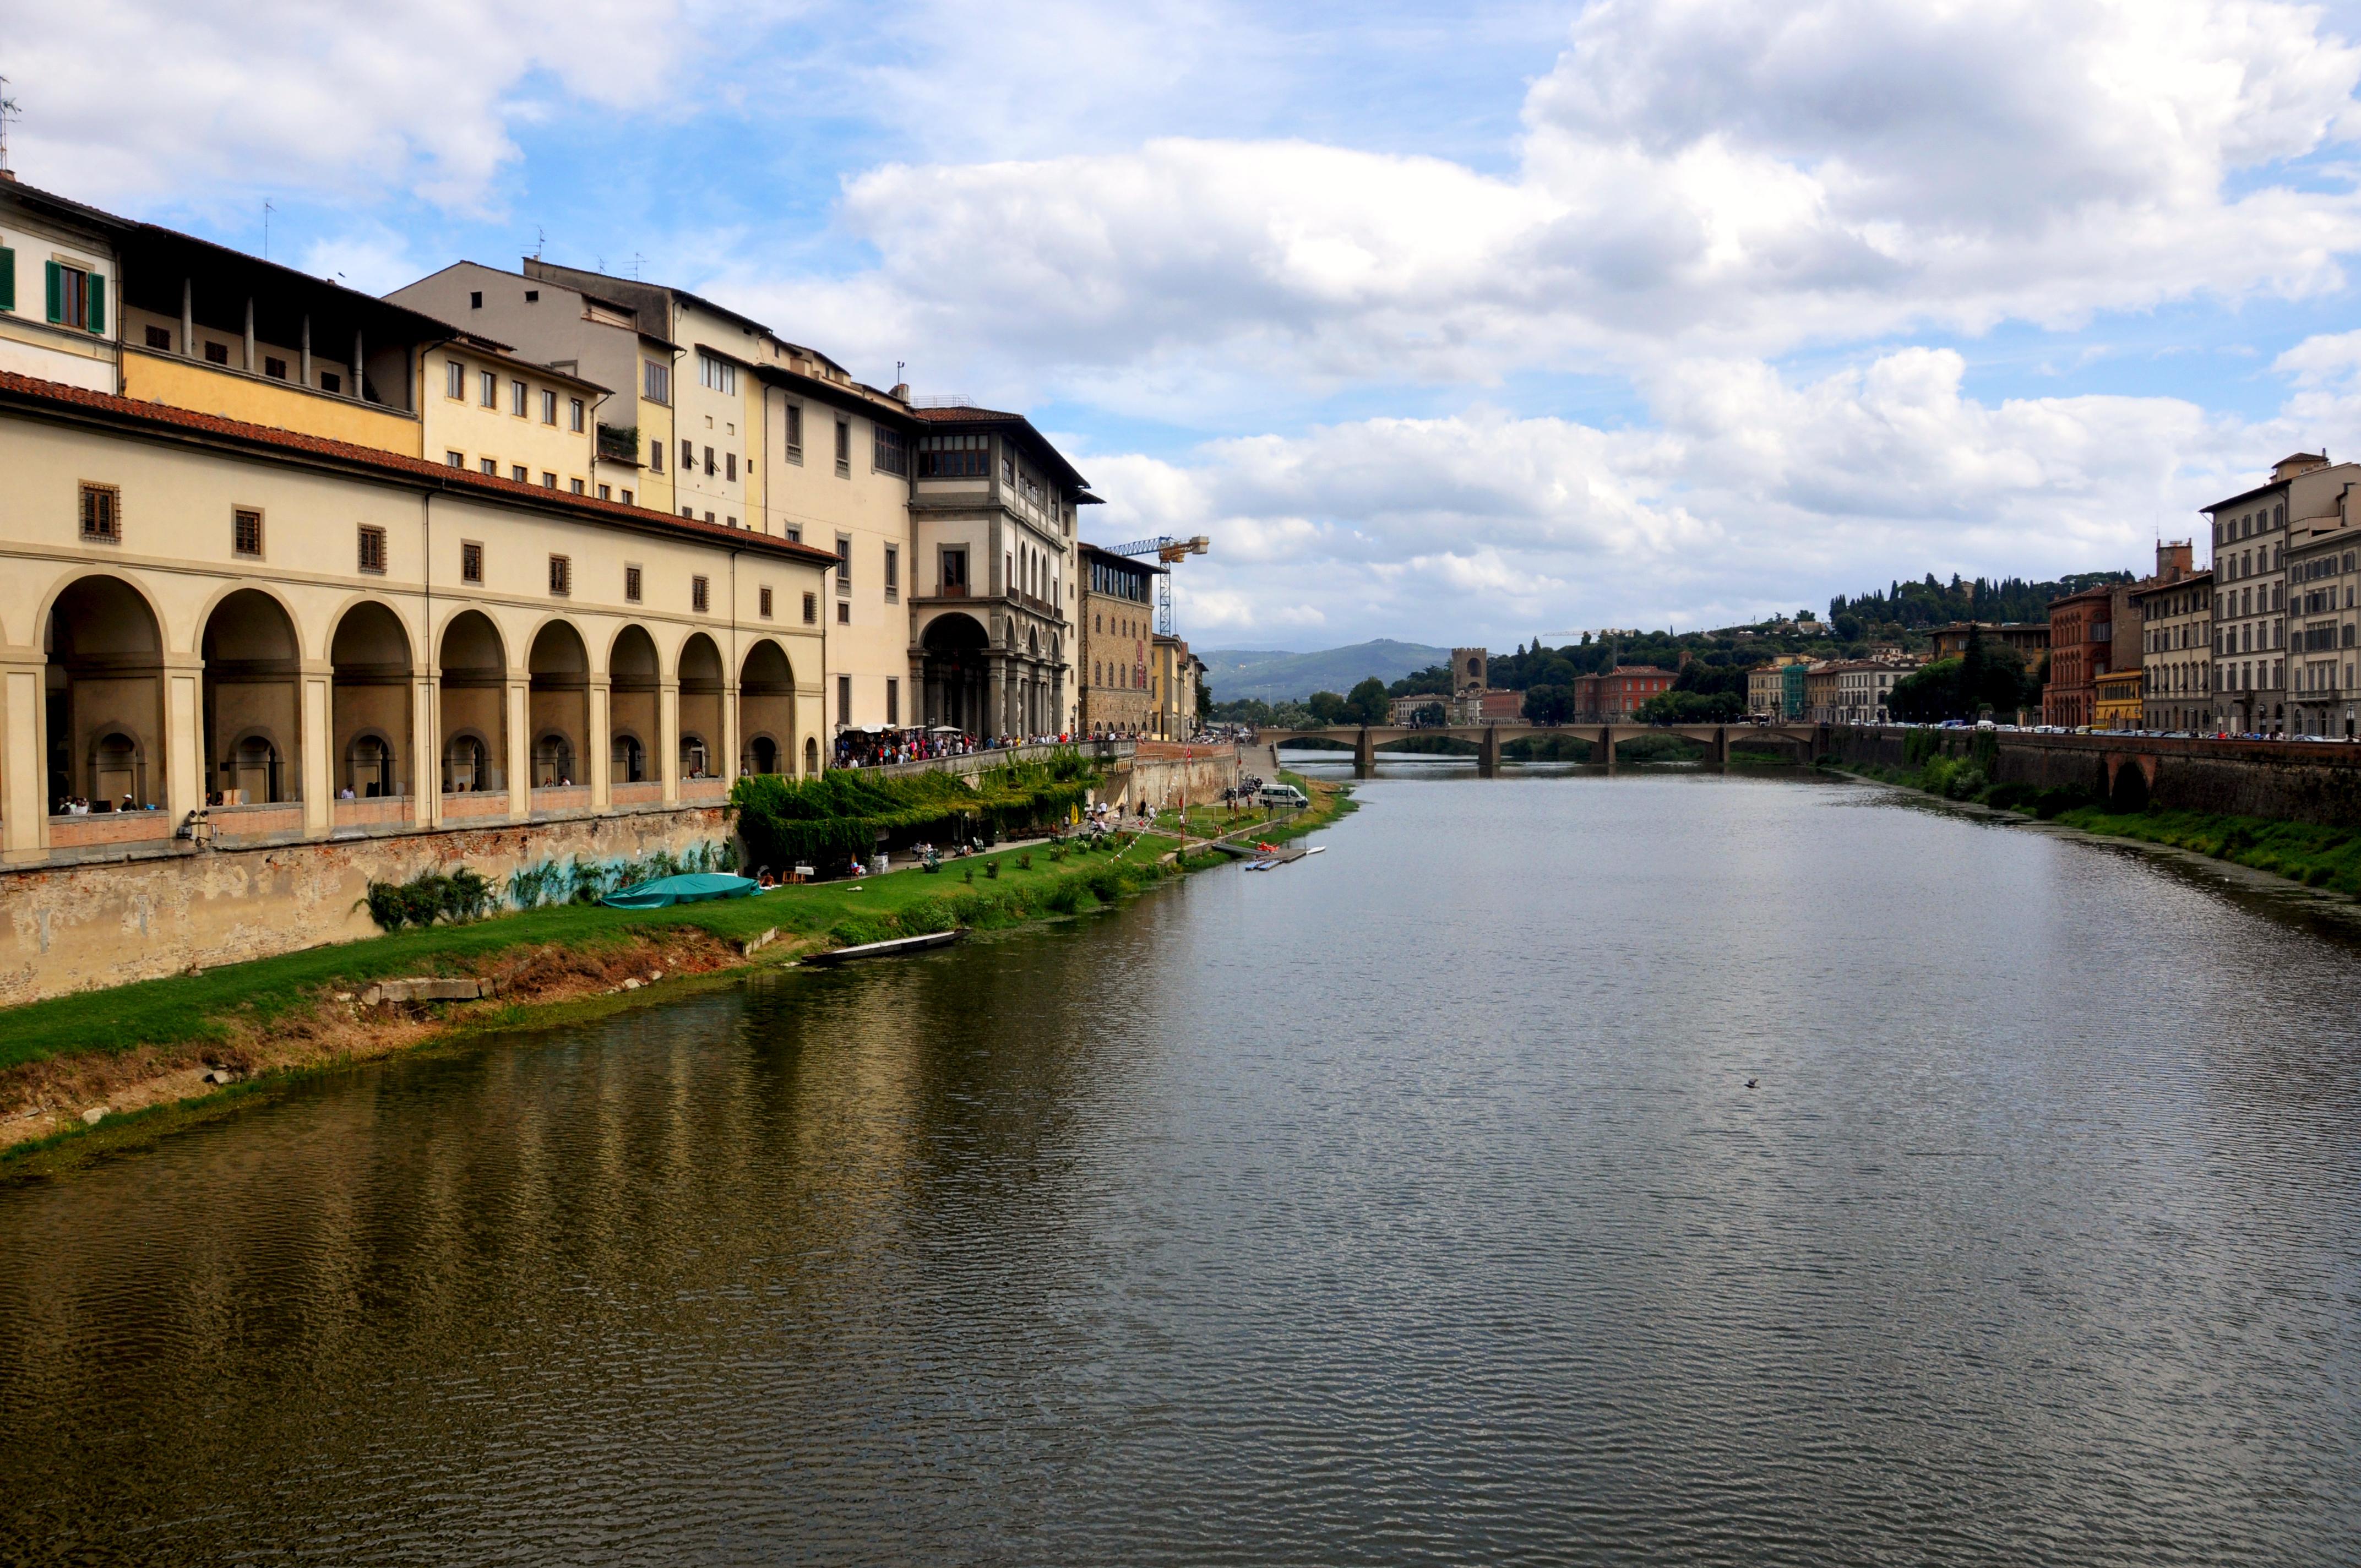 puente vecchio 8